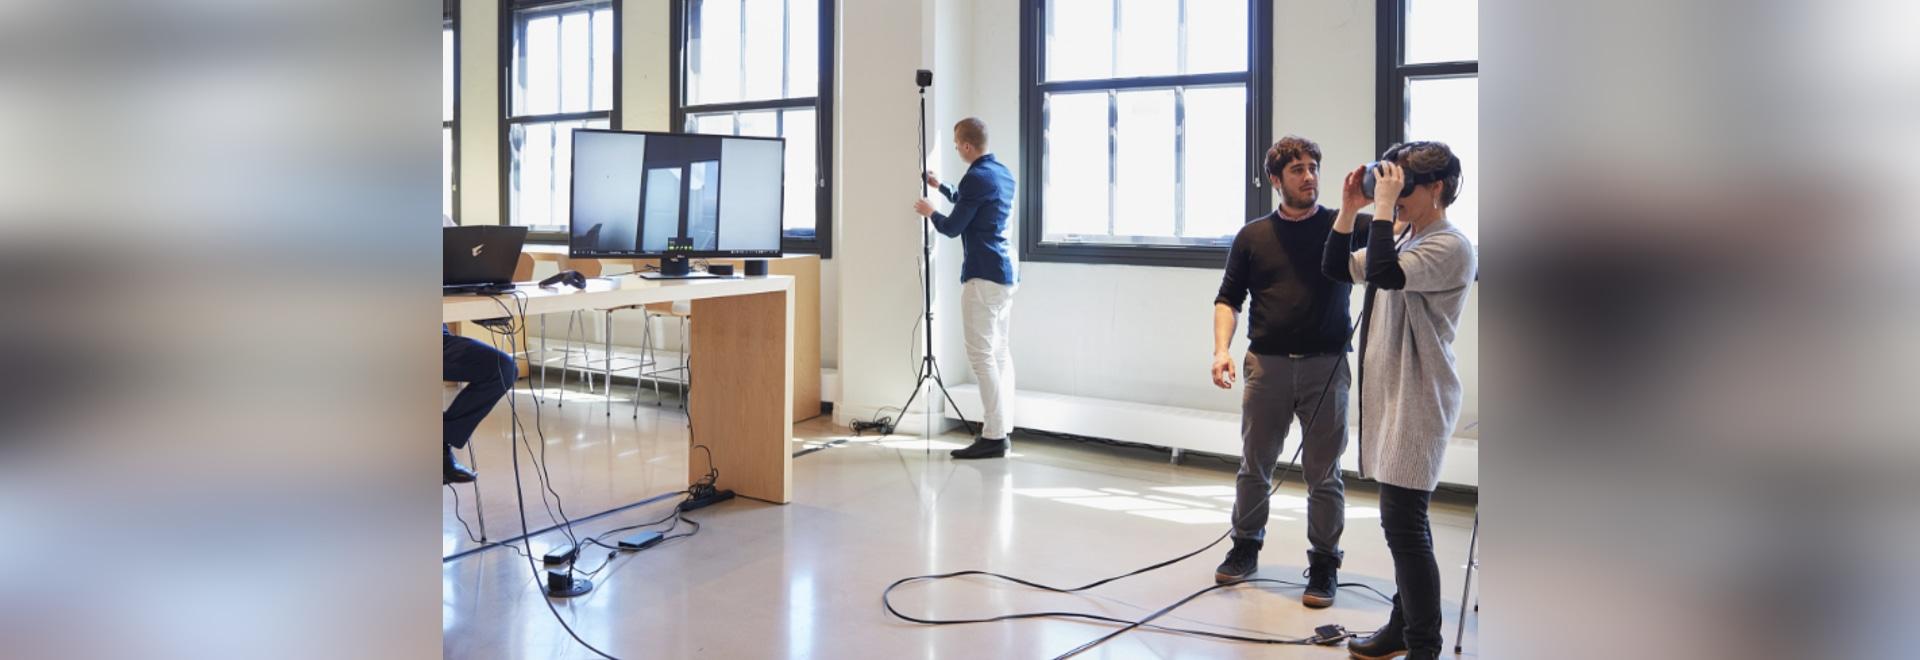 Miglioramento della pianificazione di sanità con la realtà virtuale